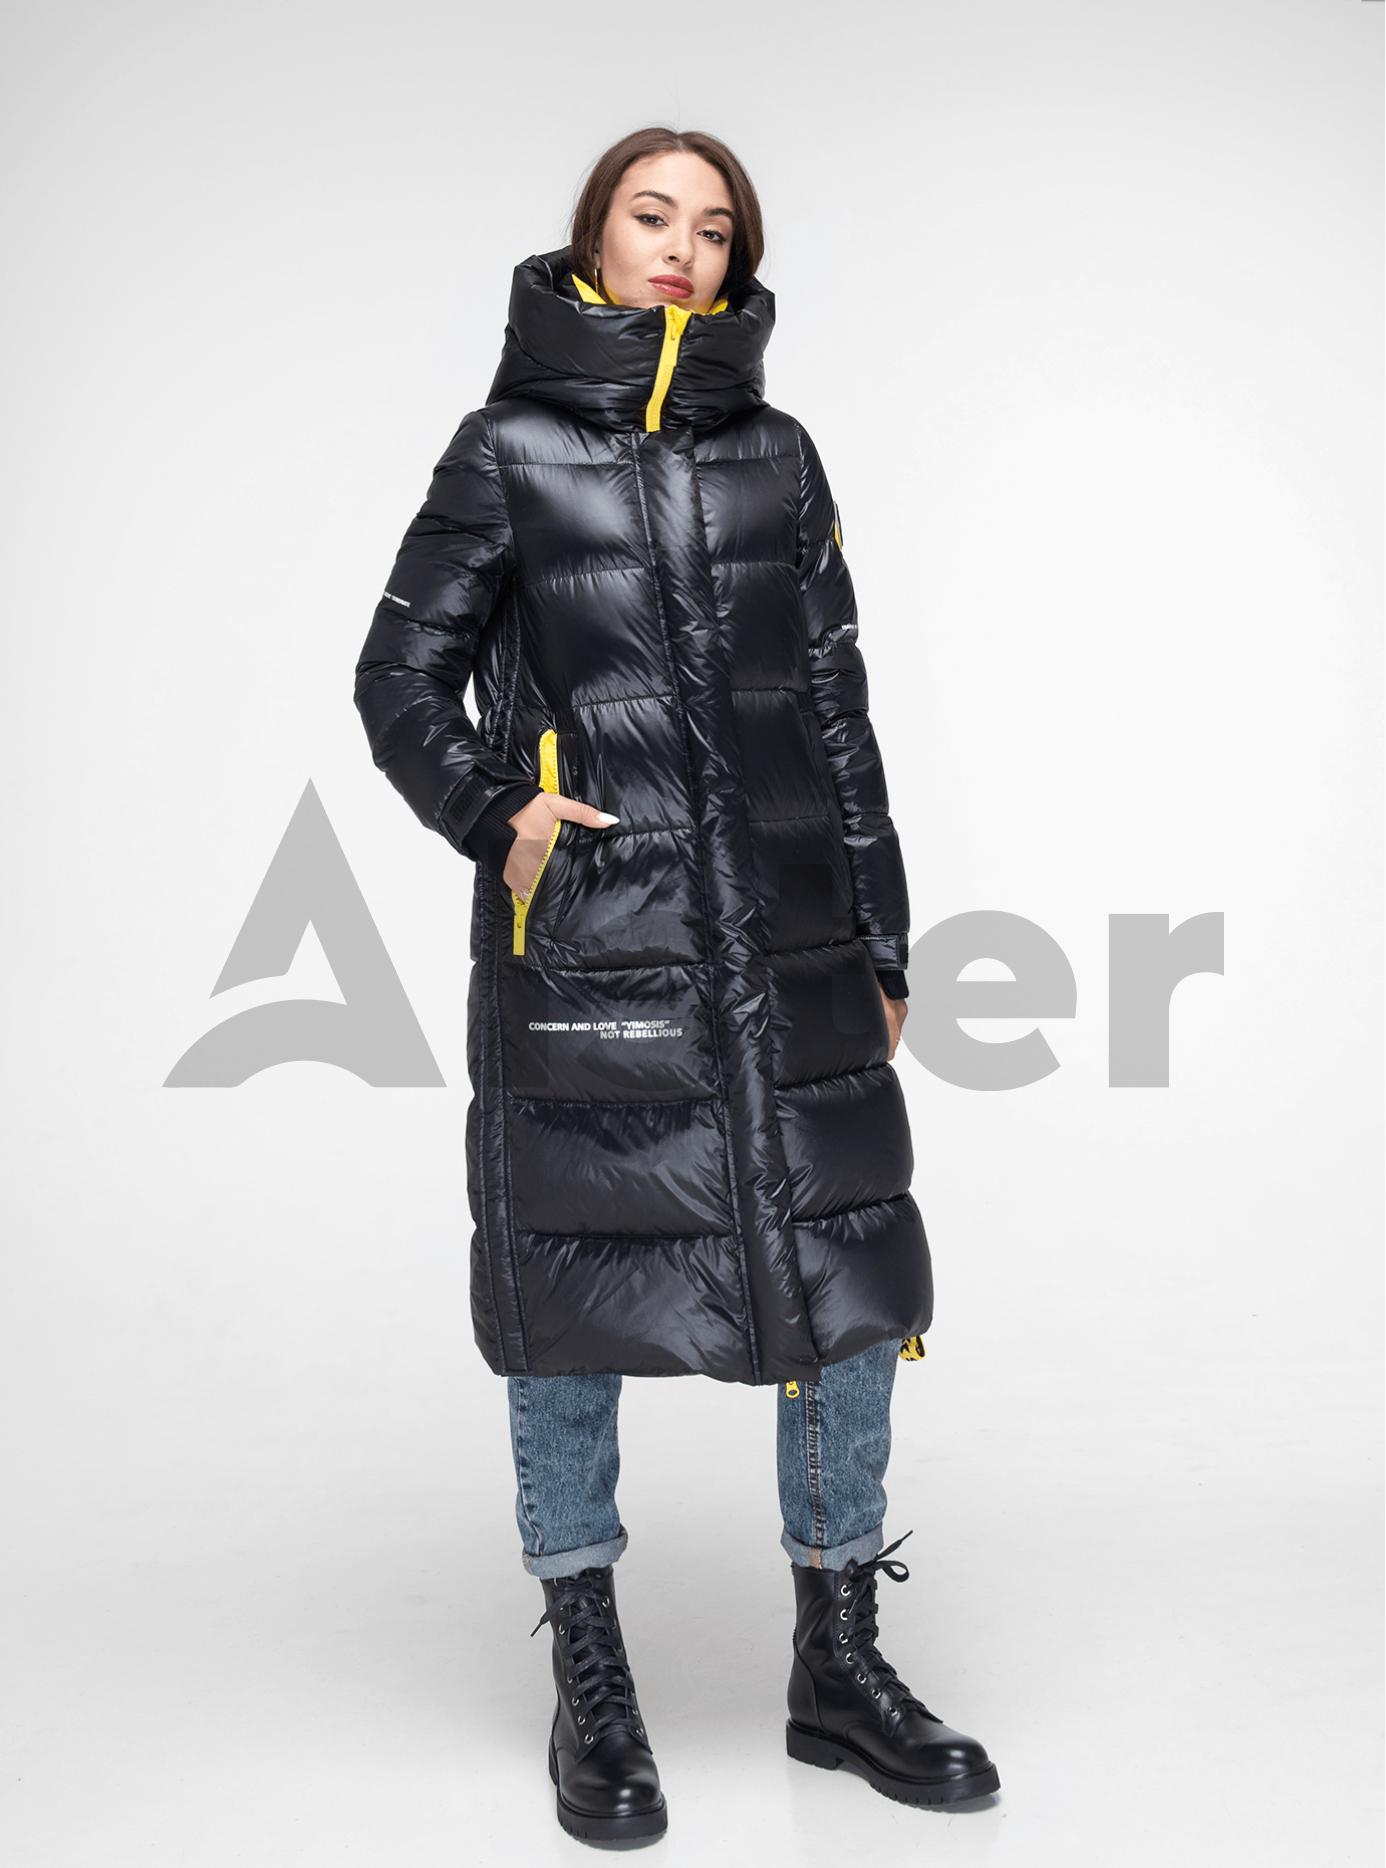 Пуховик женский длинный на молнии Чёрный M (02-Y191124): фото - Alster.ua